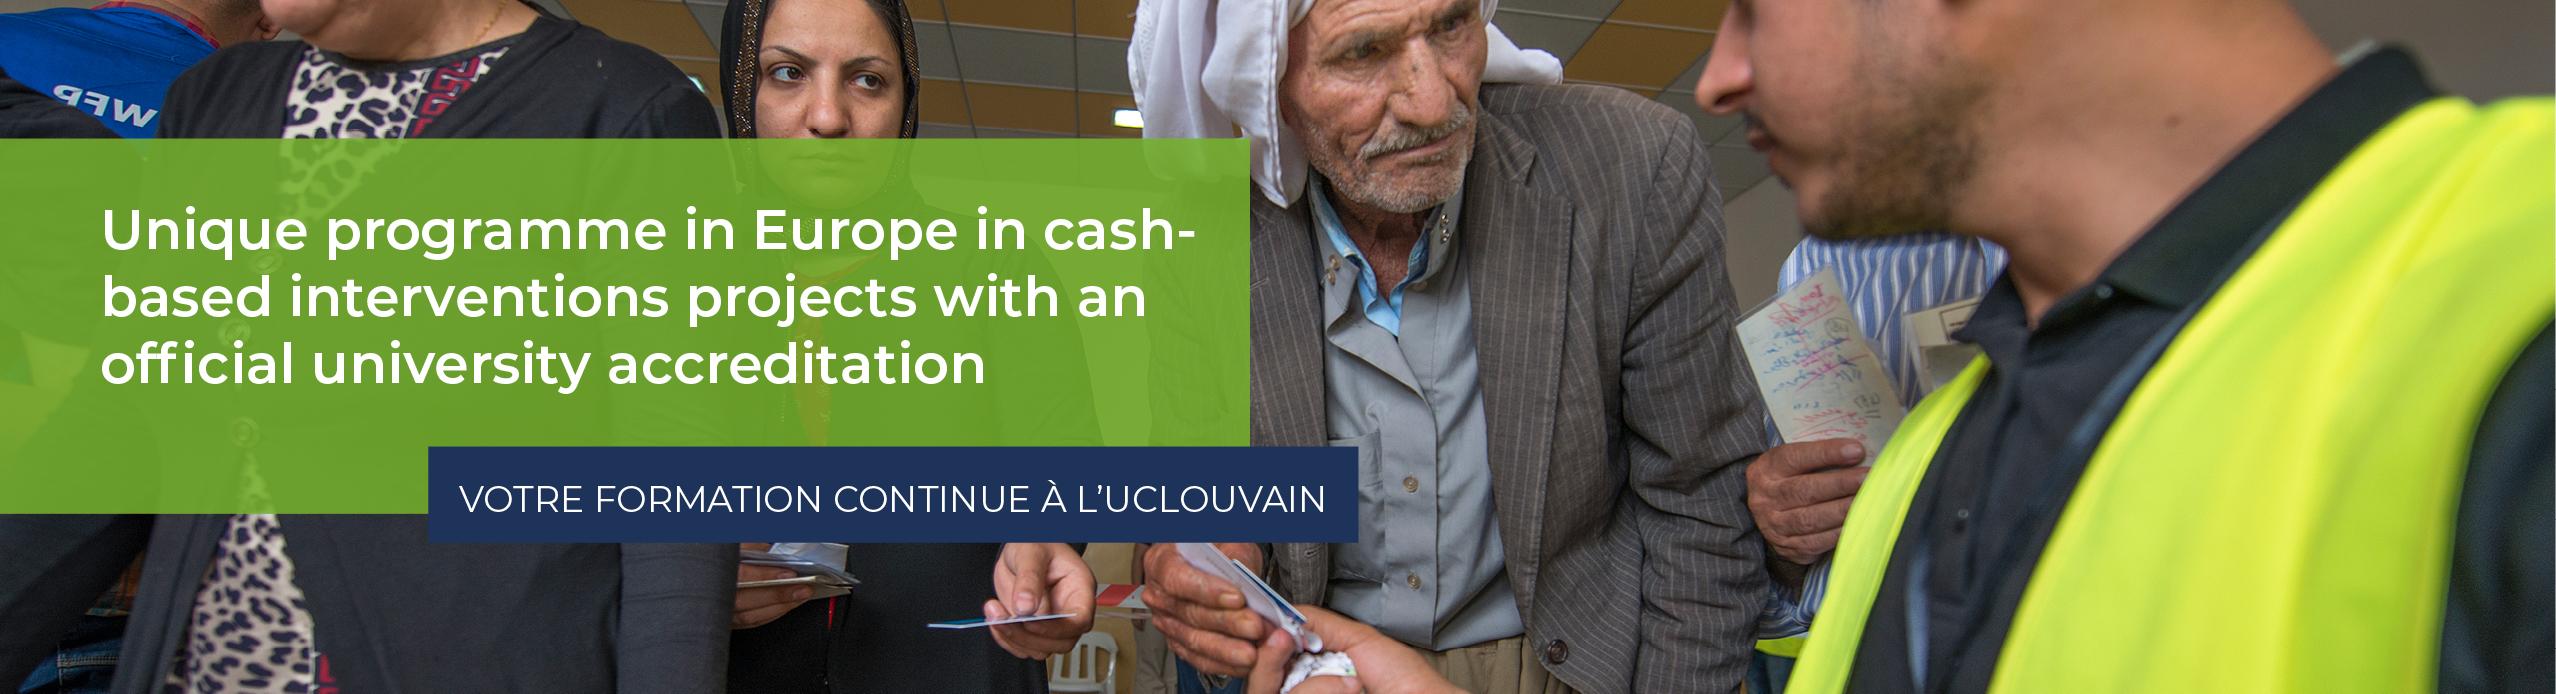 CashBased_Header_Homepage.jpg